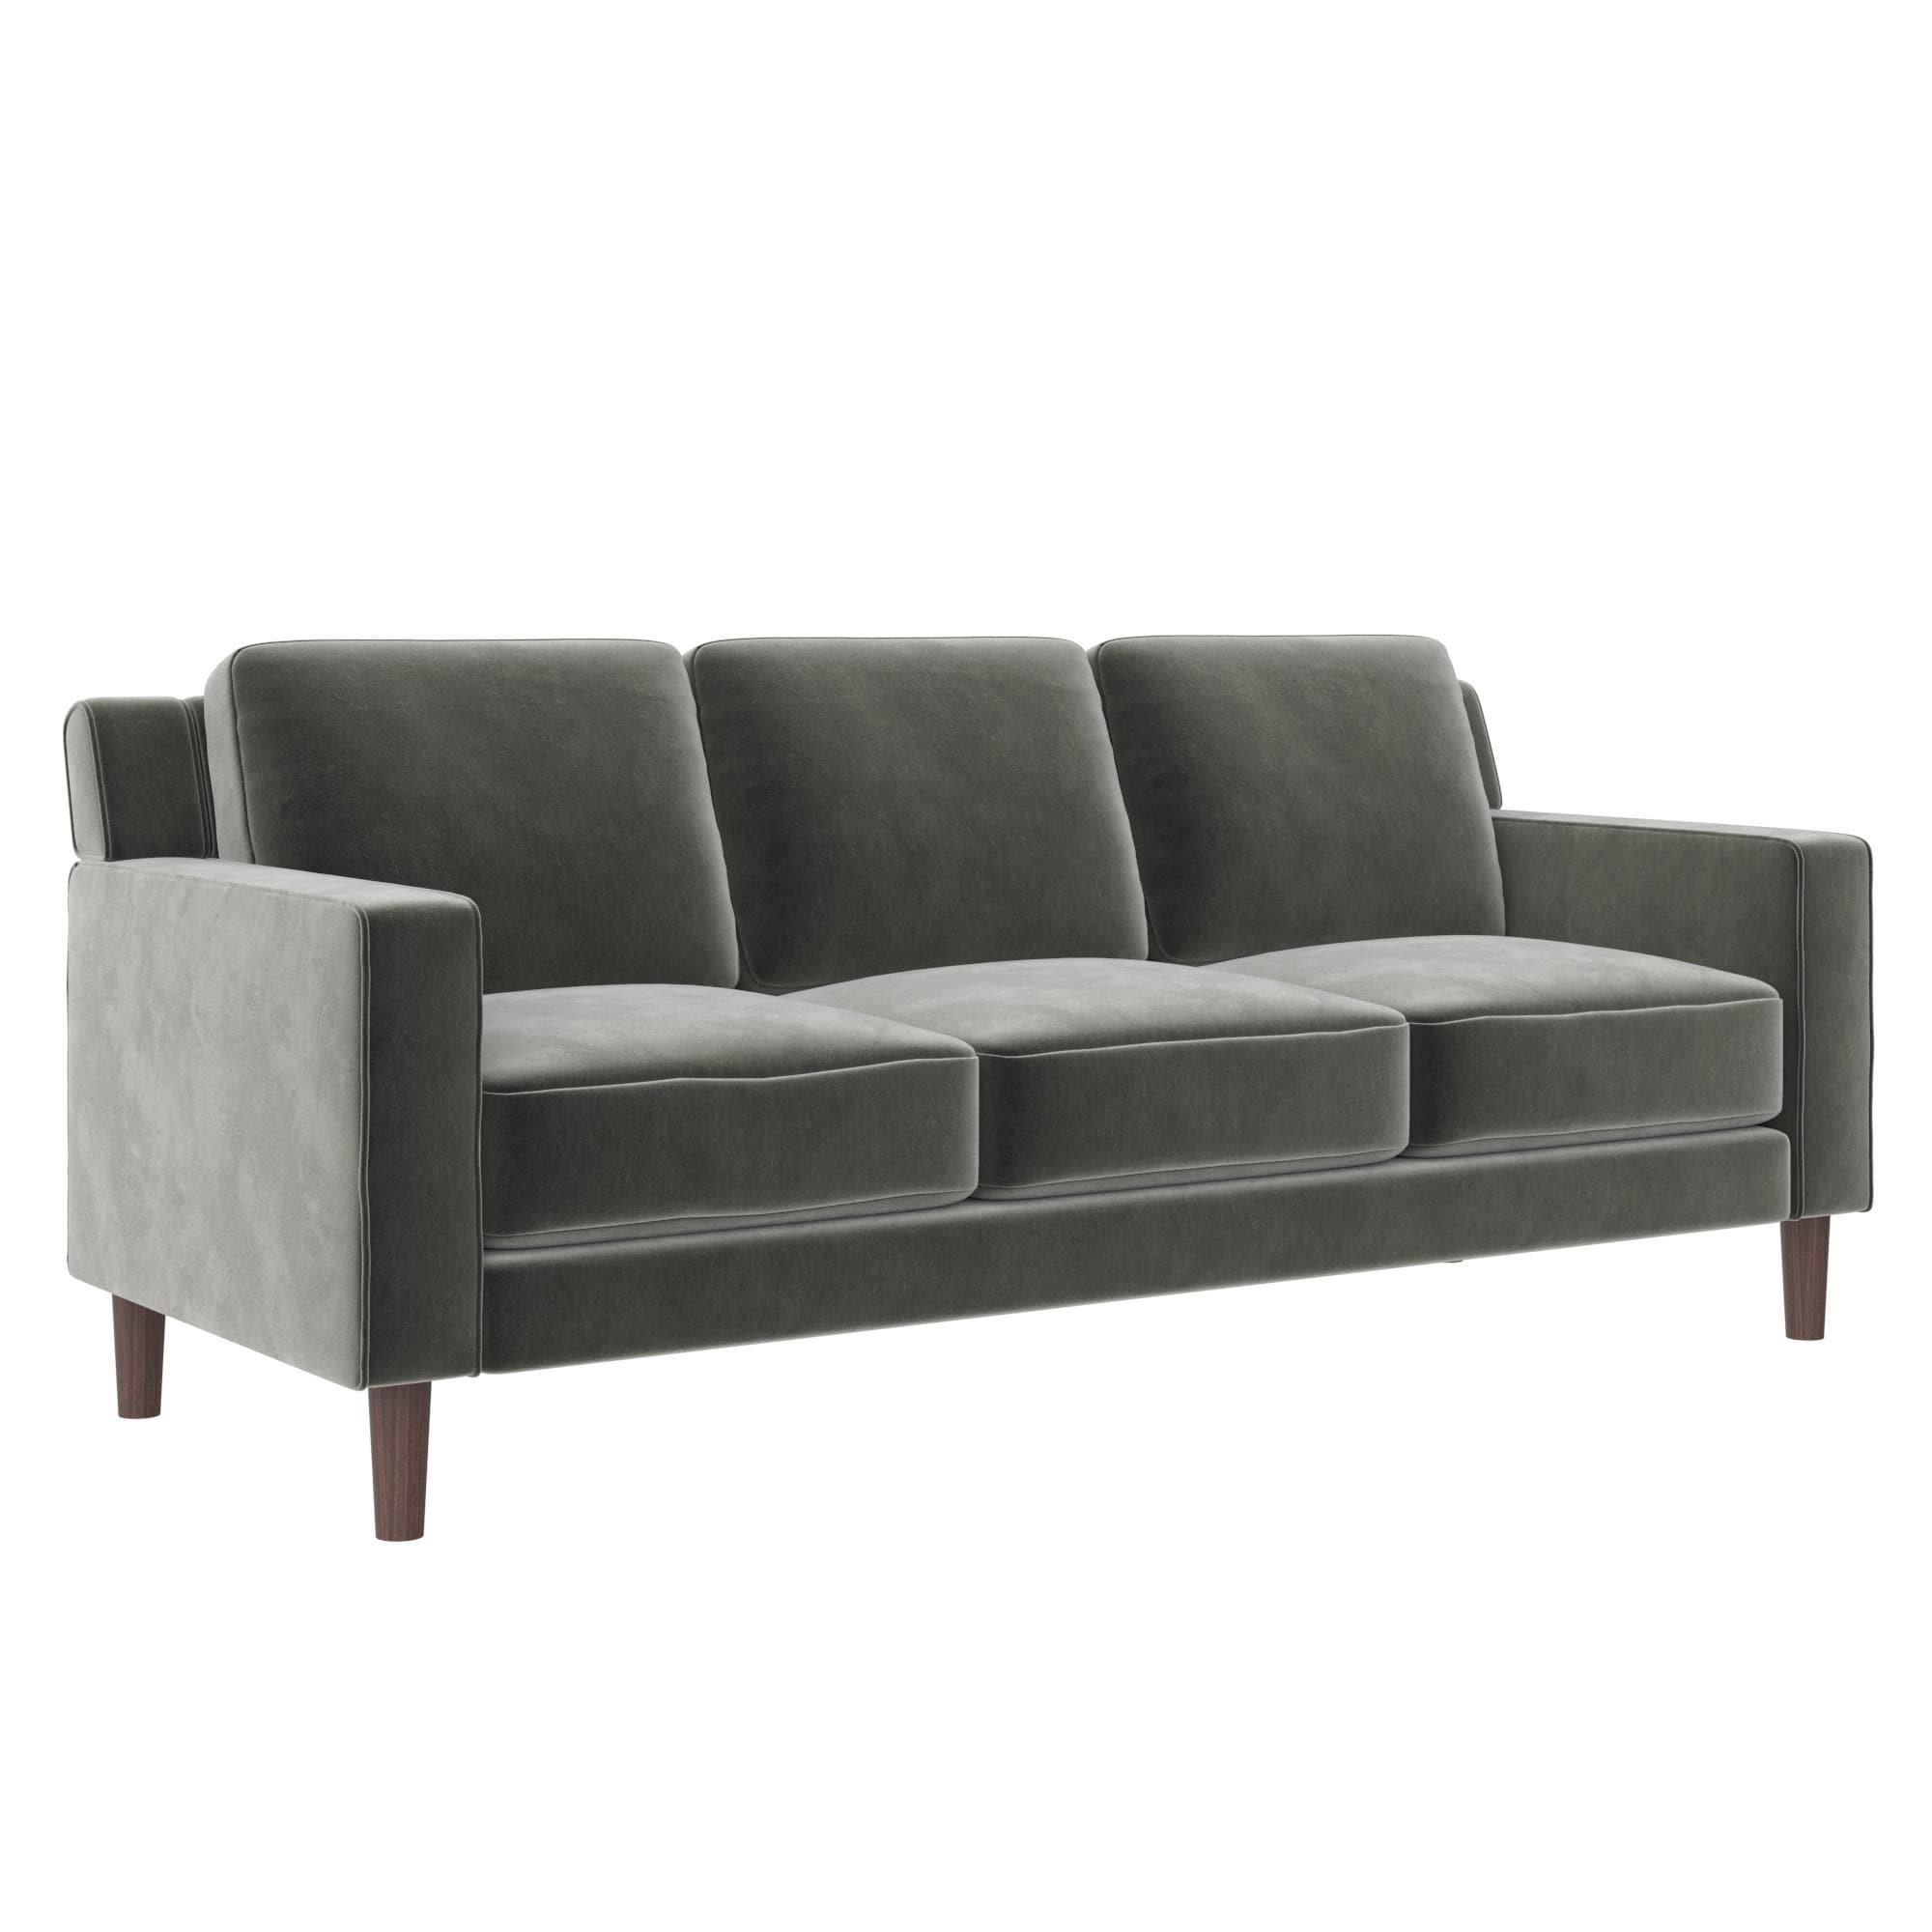 Avenue Greene Braylee Velvet 3-seat Sofa -  DO17365